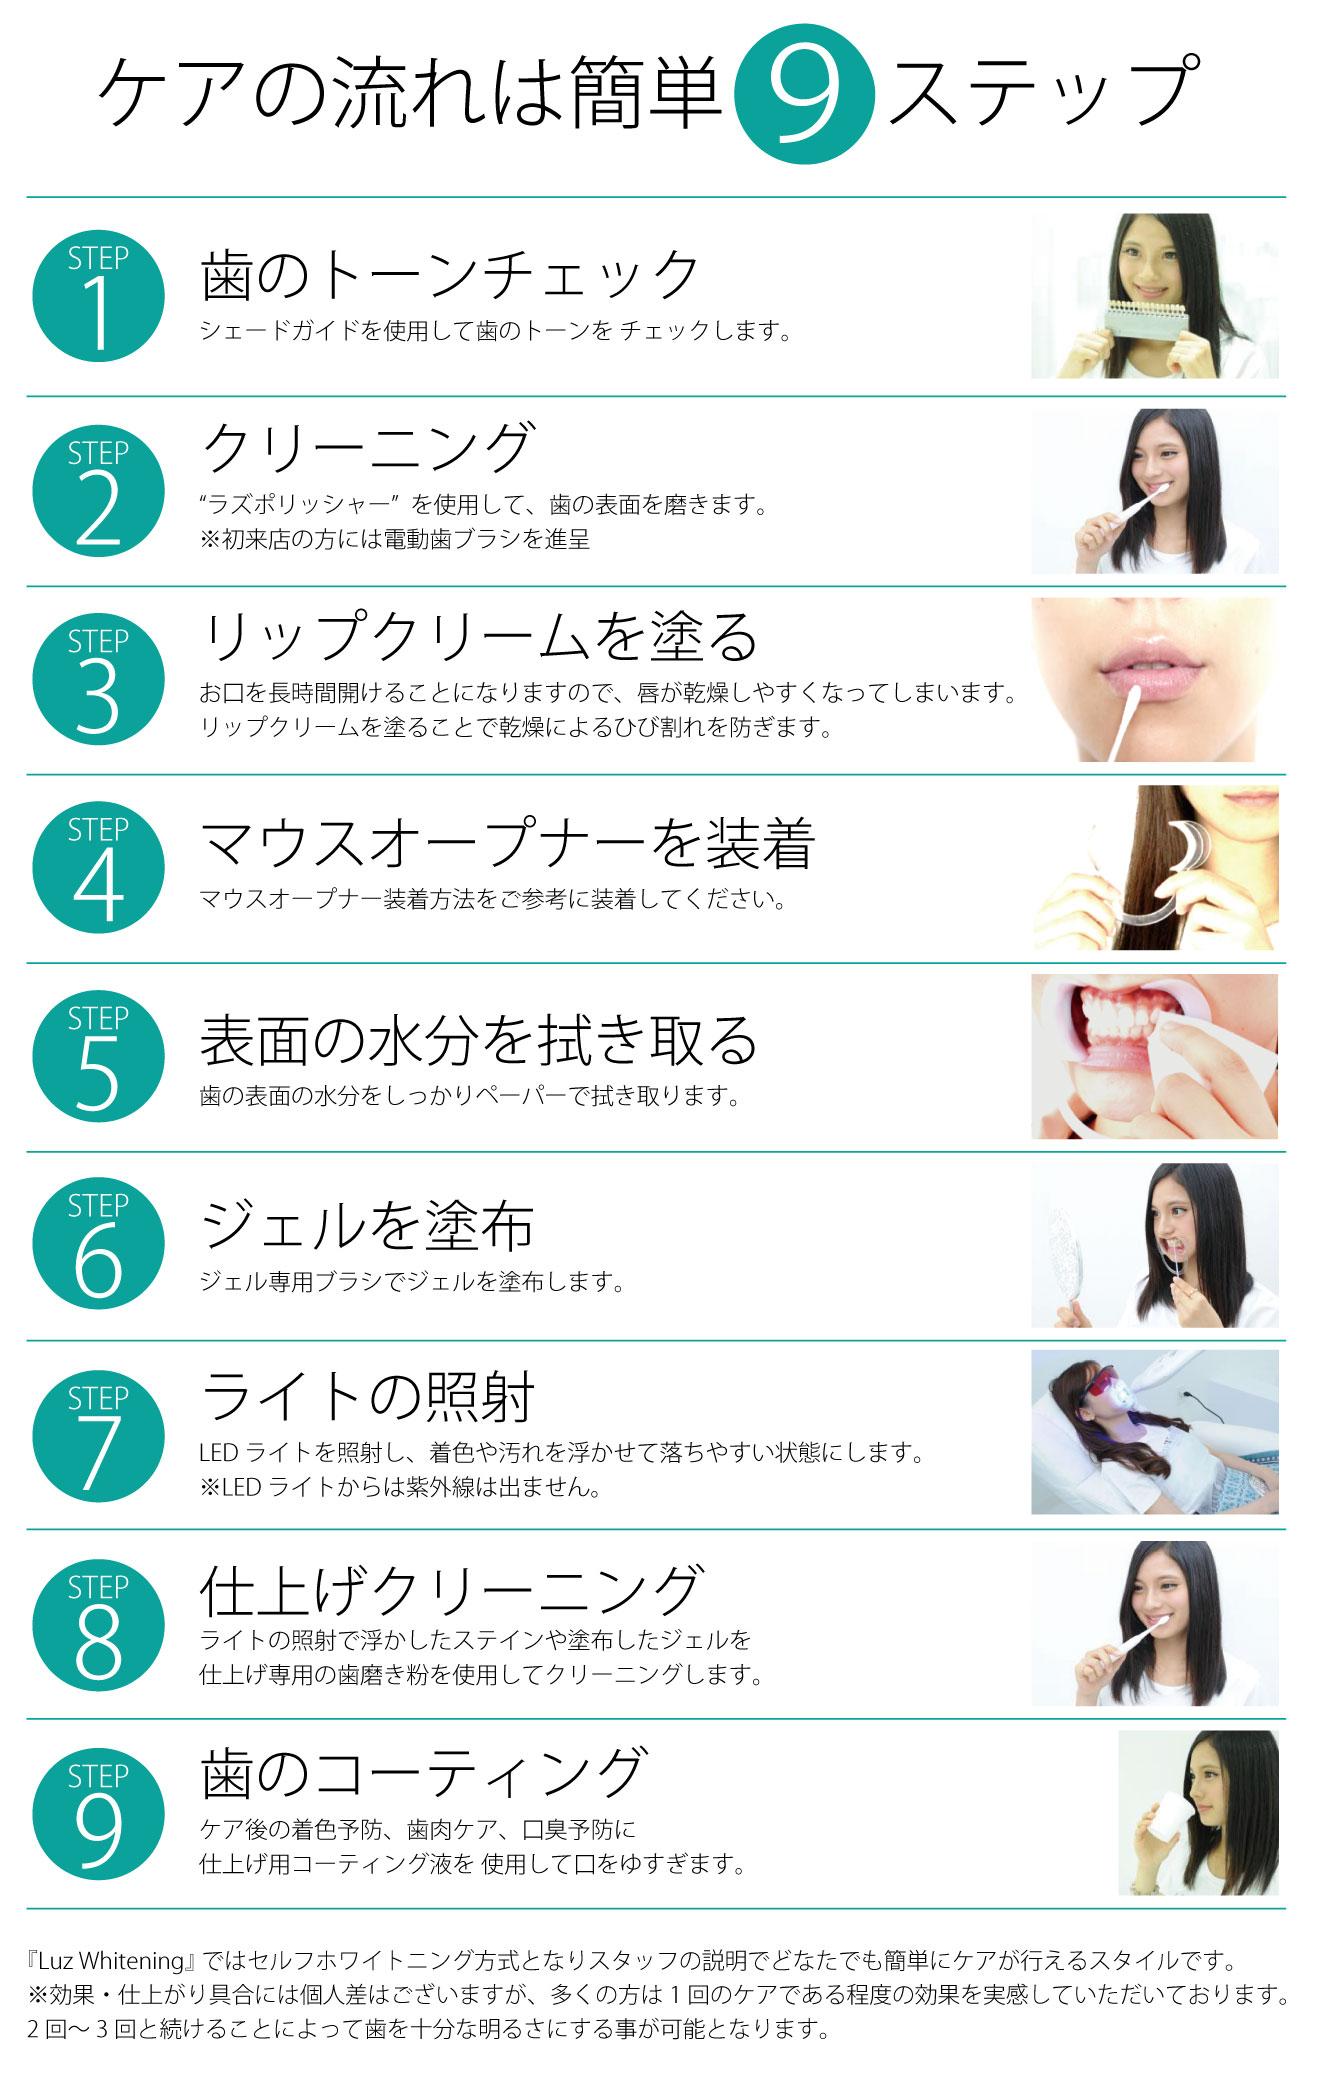 STEP1  歯のトーンチェック ケア前→ケア後を比較するために、シェードガイドを使用して歯のトーンをチェックします。 STEP2 クリーニング 専用の歯磨き粉を使用して、歯の表面を磨きます。 STEP3  リップクリ-ムを塗る お口を長時間開けることになりますので、唇が乾燥しやすくなってしまいます。リップクリームを塗ることで乾燥によるひび割れを防ぎます。 STEP4 マウスオープナーを装着 マウスオープナー装着方法をご参考に装着してください。 STEP5 表面の水分を拭き取る 歯の表面の水分をしっかりペーパーで拭き取ります。 STEP6 ジェルを塗布 ジェル専用ブラシでジェルを塗布します。 STEP7  ライトの照射 LEDライトを照射し、着色や汚れを浮かせて落ちやすい状態にします。※LEDライトからは紫外線は出ません。 STEP8 仕上げのクリーニング ライトの照射で浮かしたステインや塗布したジェルを仕上げ専用の歯磨き粉を使用してクリーニングします。 STEP9 歯のコーティング ケア後の着色予防、歯肉ケア、口臭予防に仕上げ用コーティング液を使用してお口をゆすぎます。